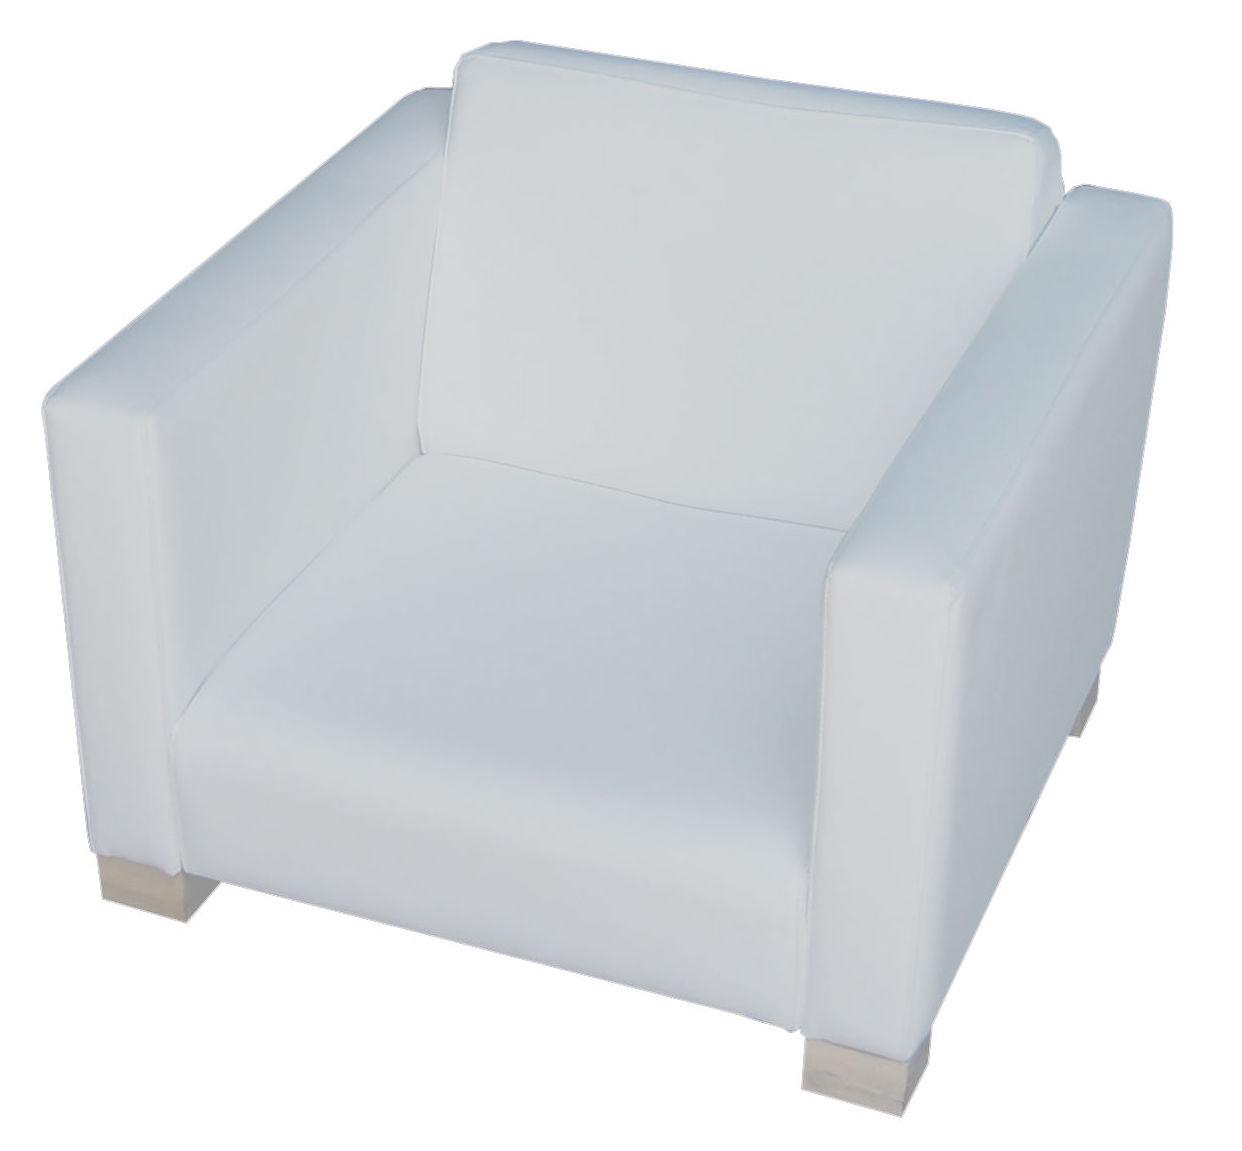 Sill n chill alquiler de mobiliario de stuhl ib rica for Alquiler de mobiliario de oficina